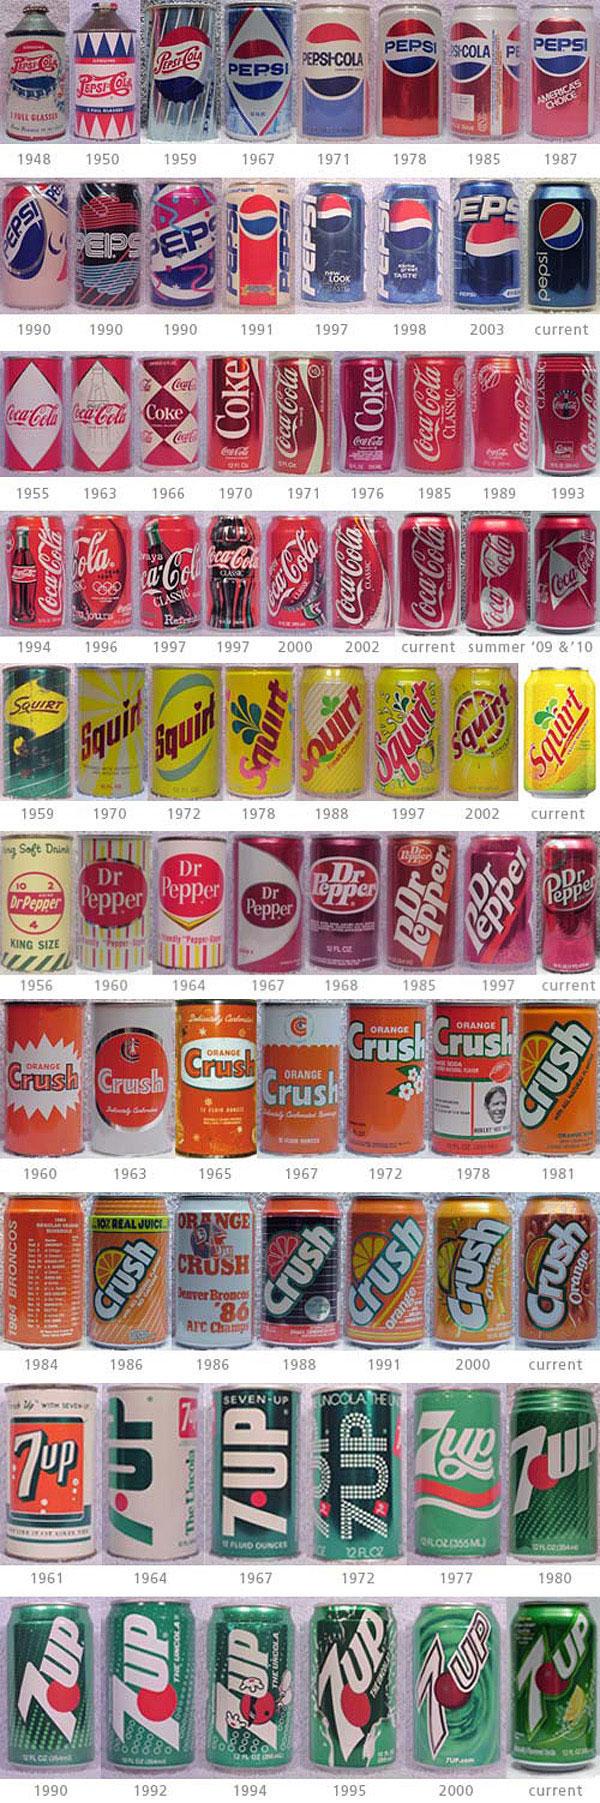 Design evolution of soft drink cans